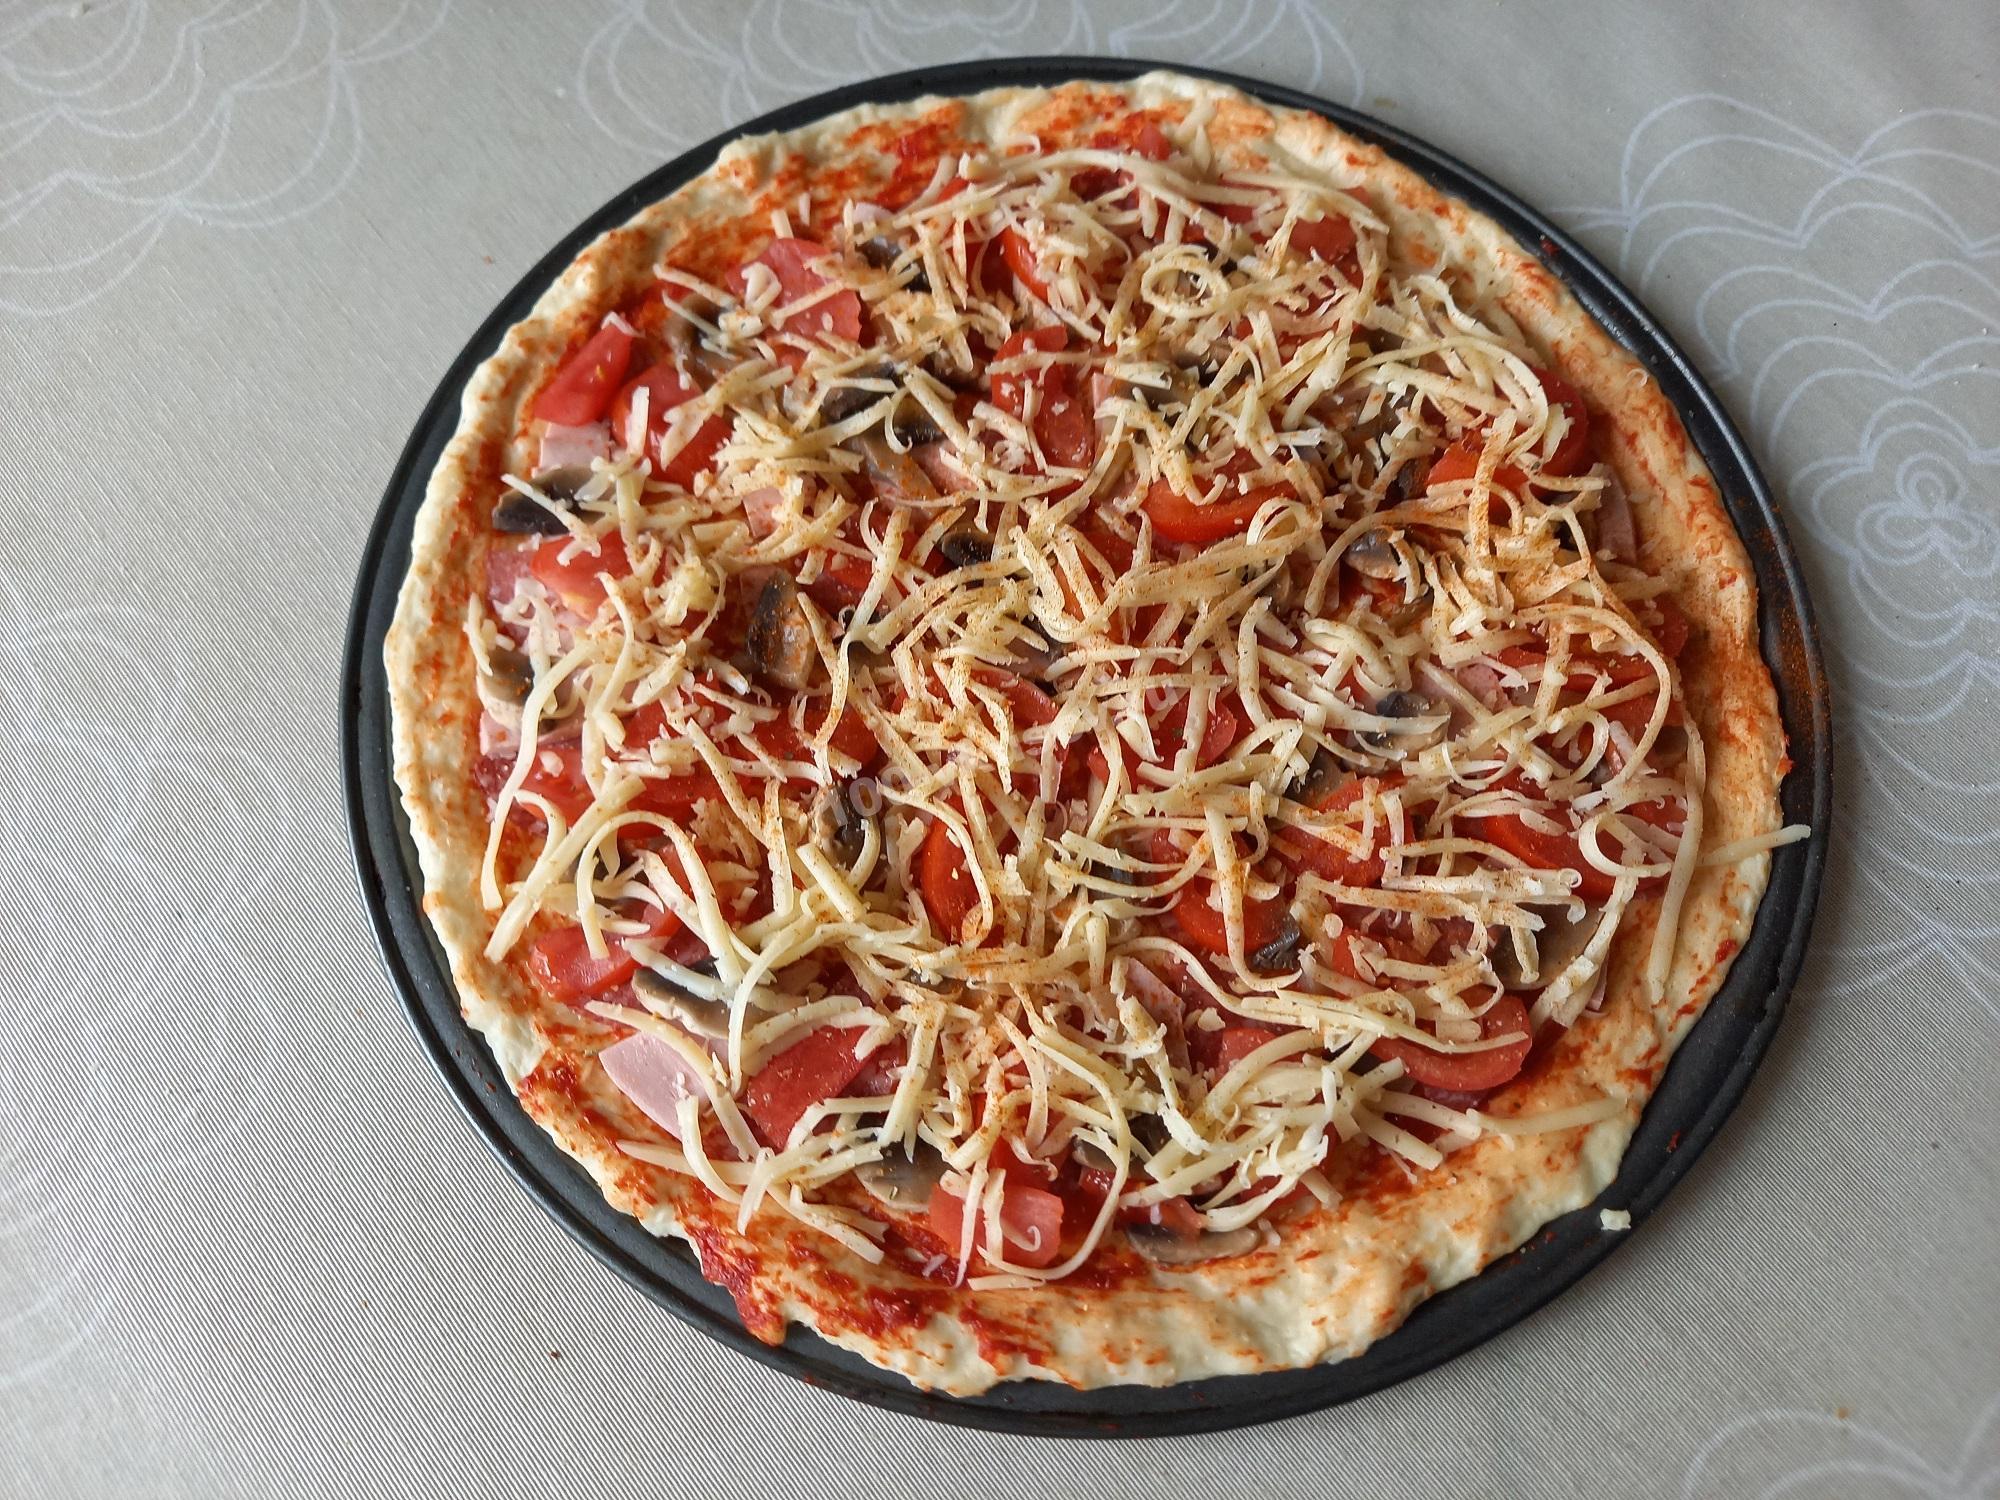 Пицца перед выпечкой